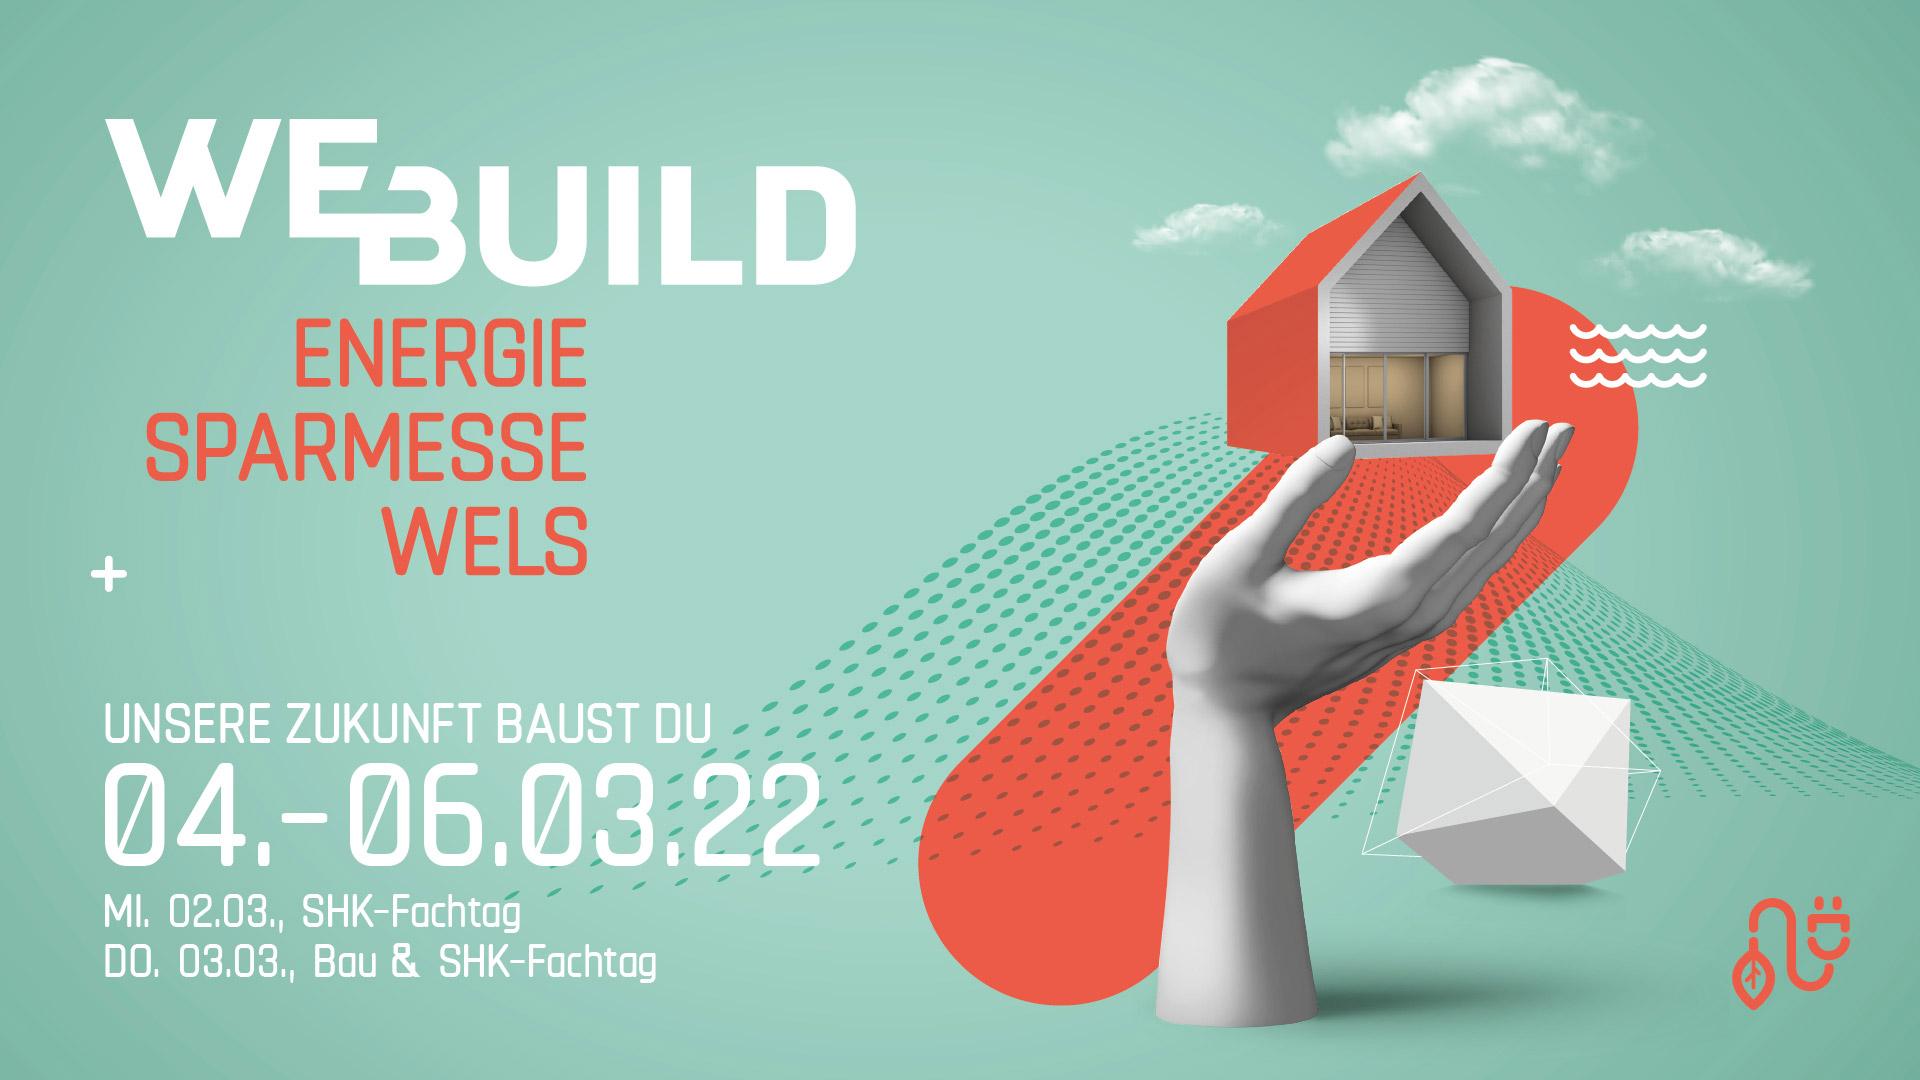 webuild Energiesparmesse 2022